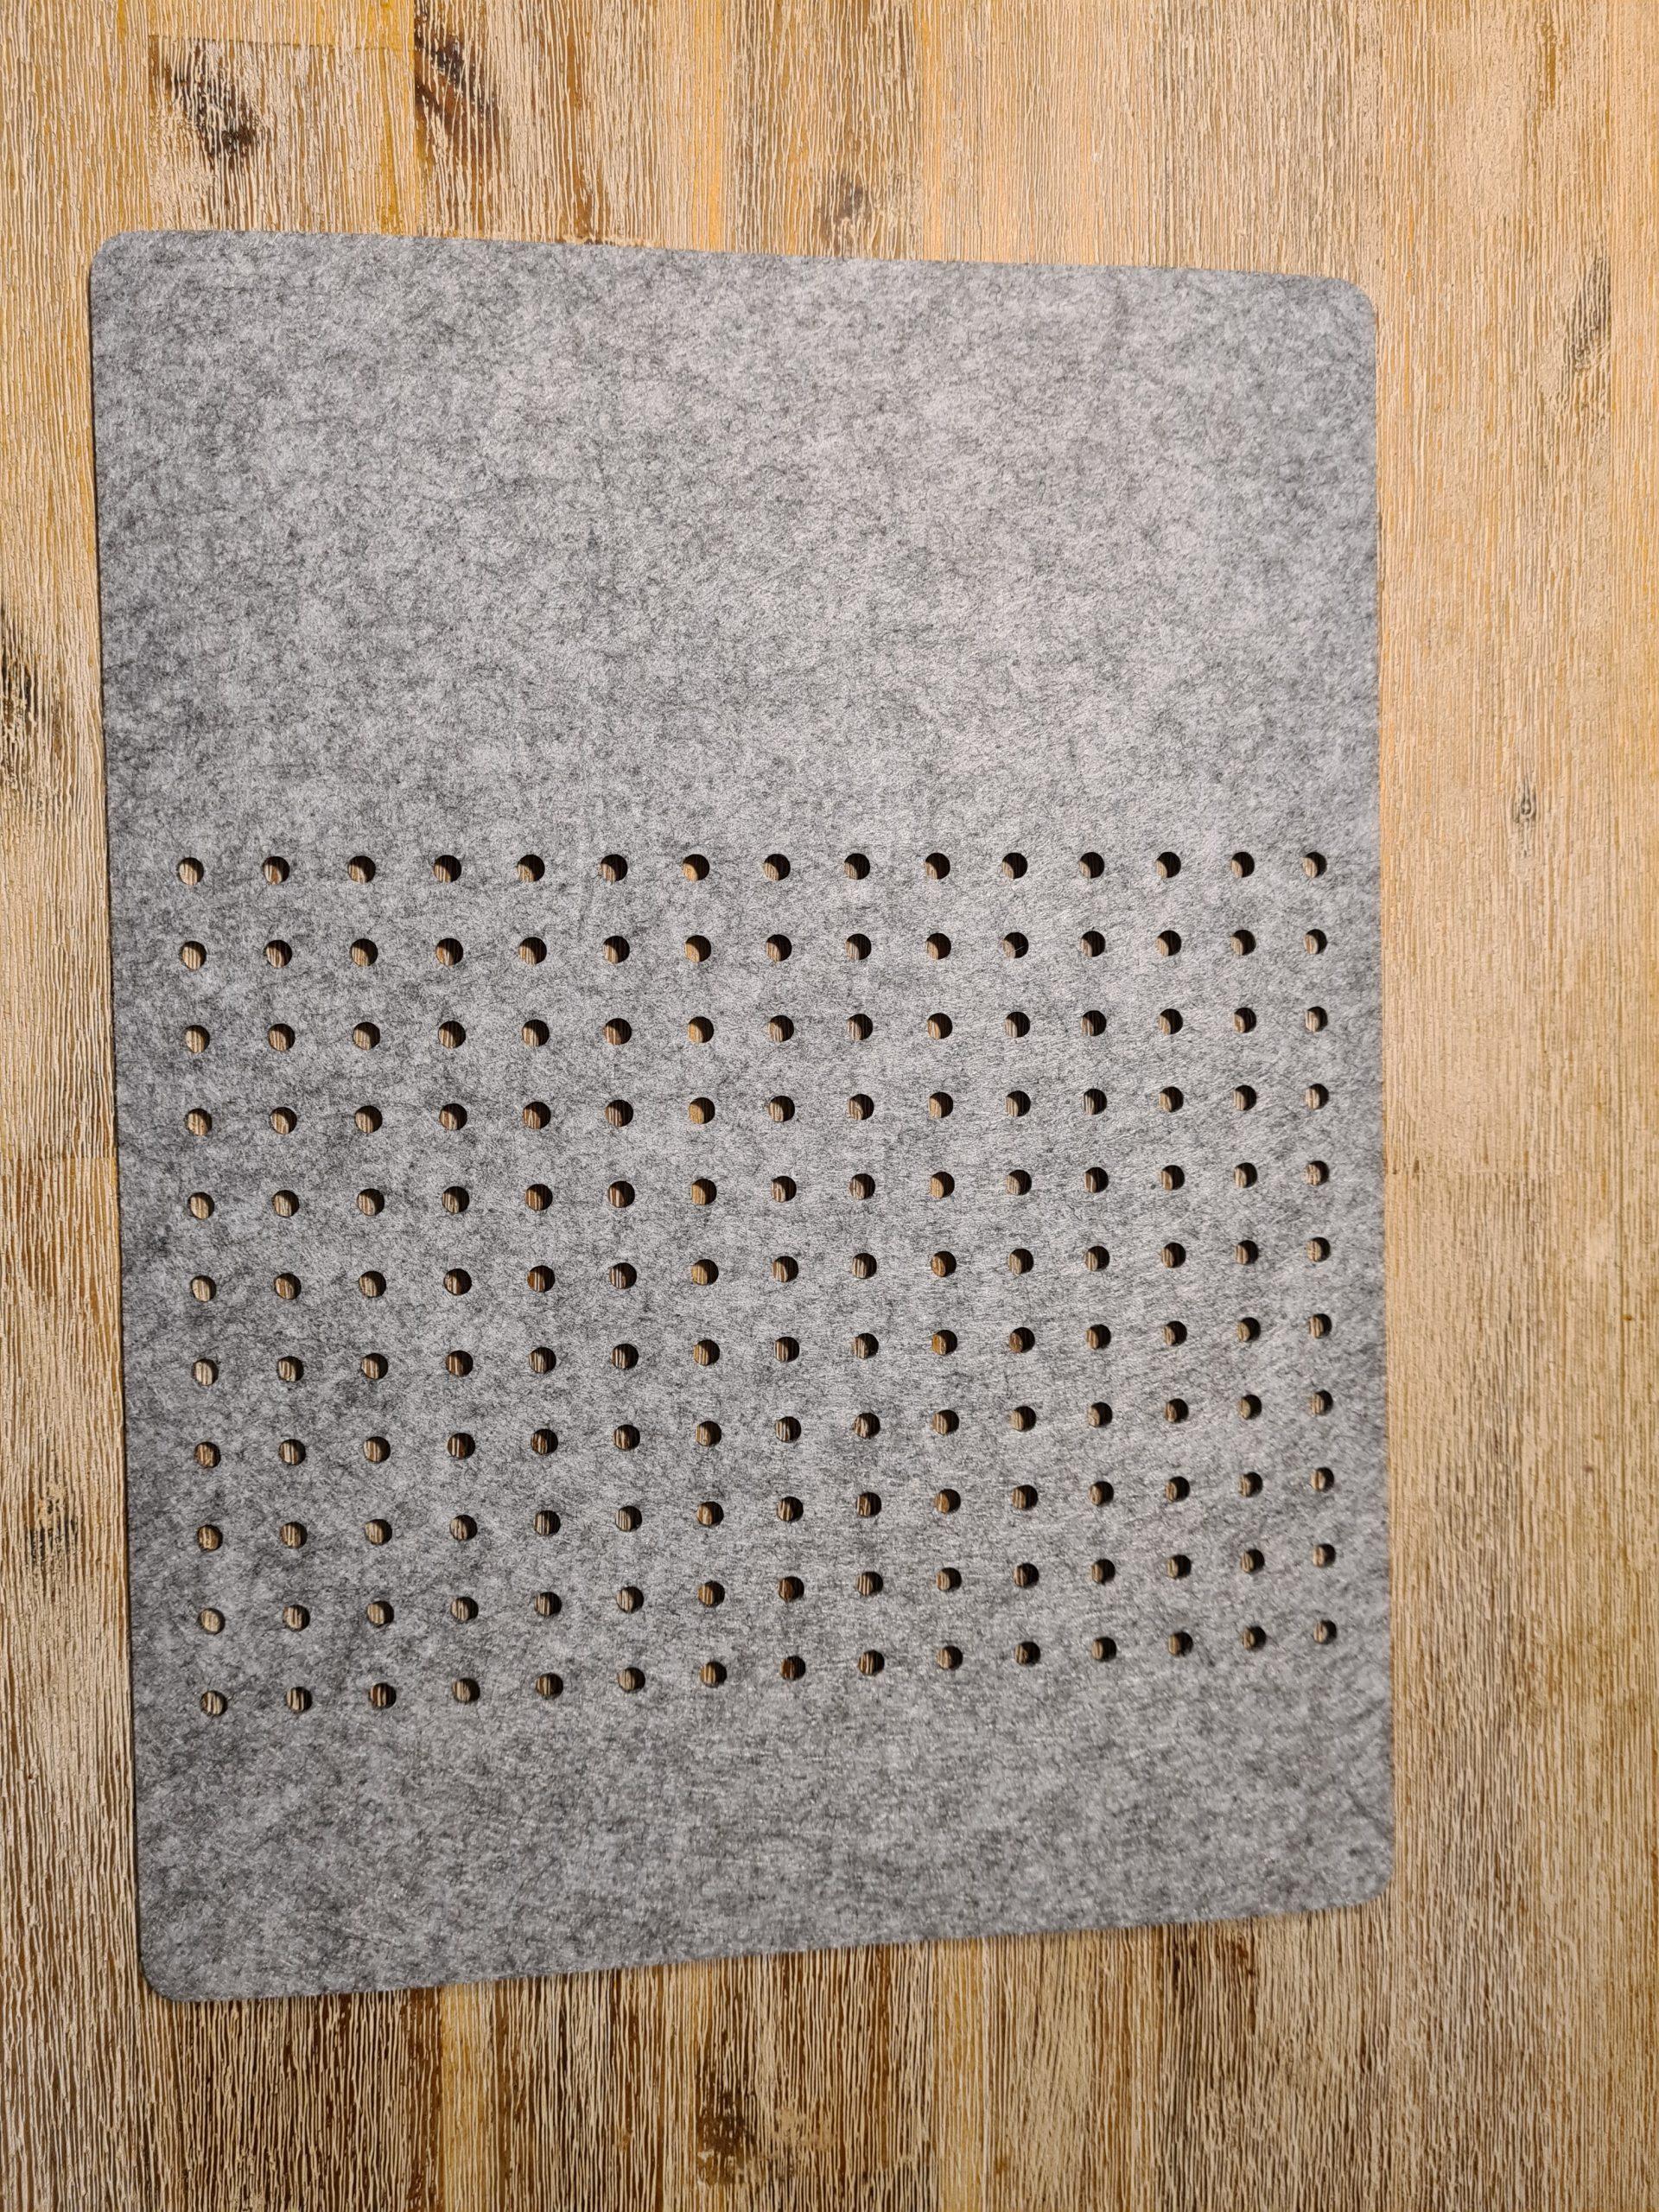 Grauer Filz-Untersetzter mit Löcherreihe - Handgemachte individualisierbare Taschen, Körbe, Tischsets, Dekoartikel und mehr auf fideko.de der Onlineshop seit 2011